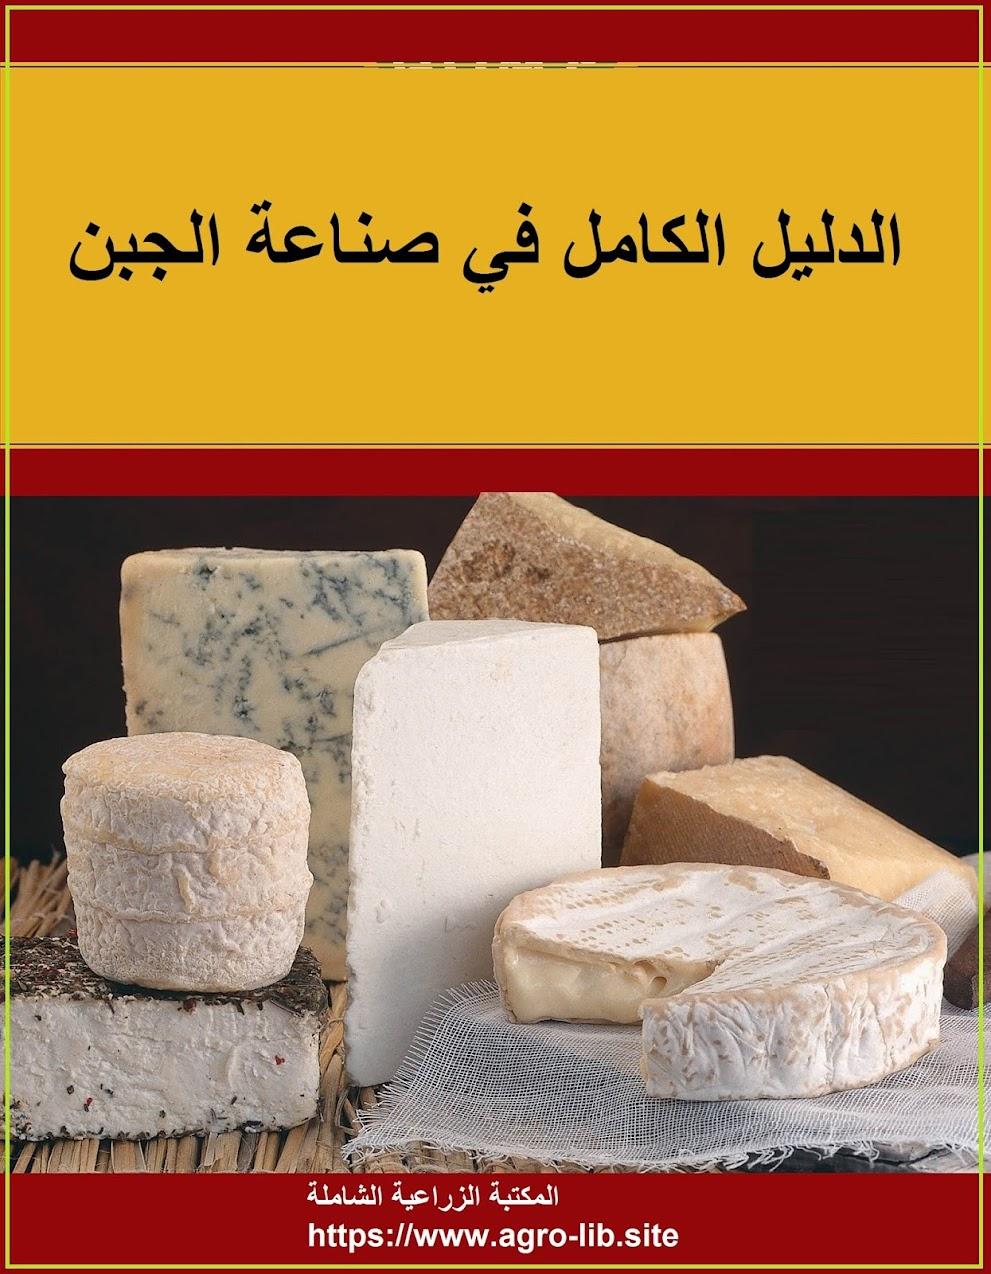 كتاب : الدليل الكامل في صناعة الجبن